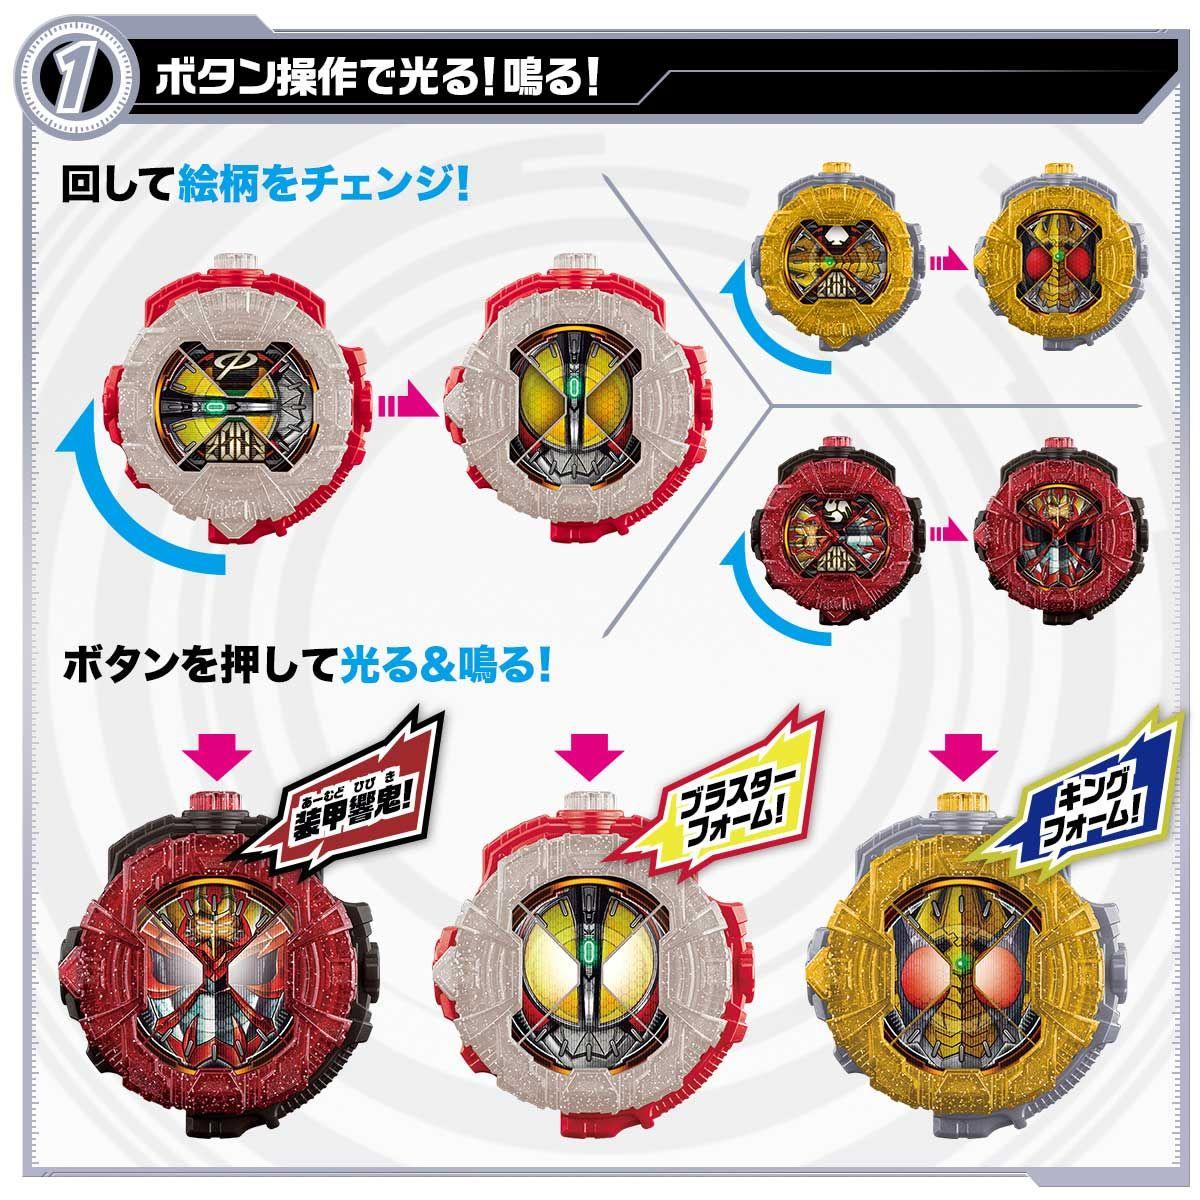 仮面ライダージオウ『DXライドウォッチセットVOL.2』変身なりきり-003